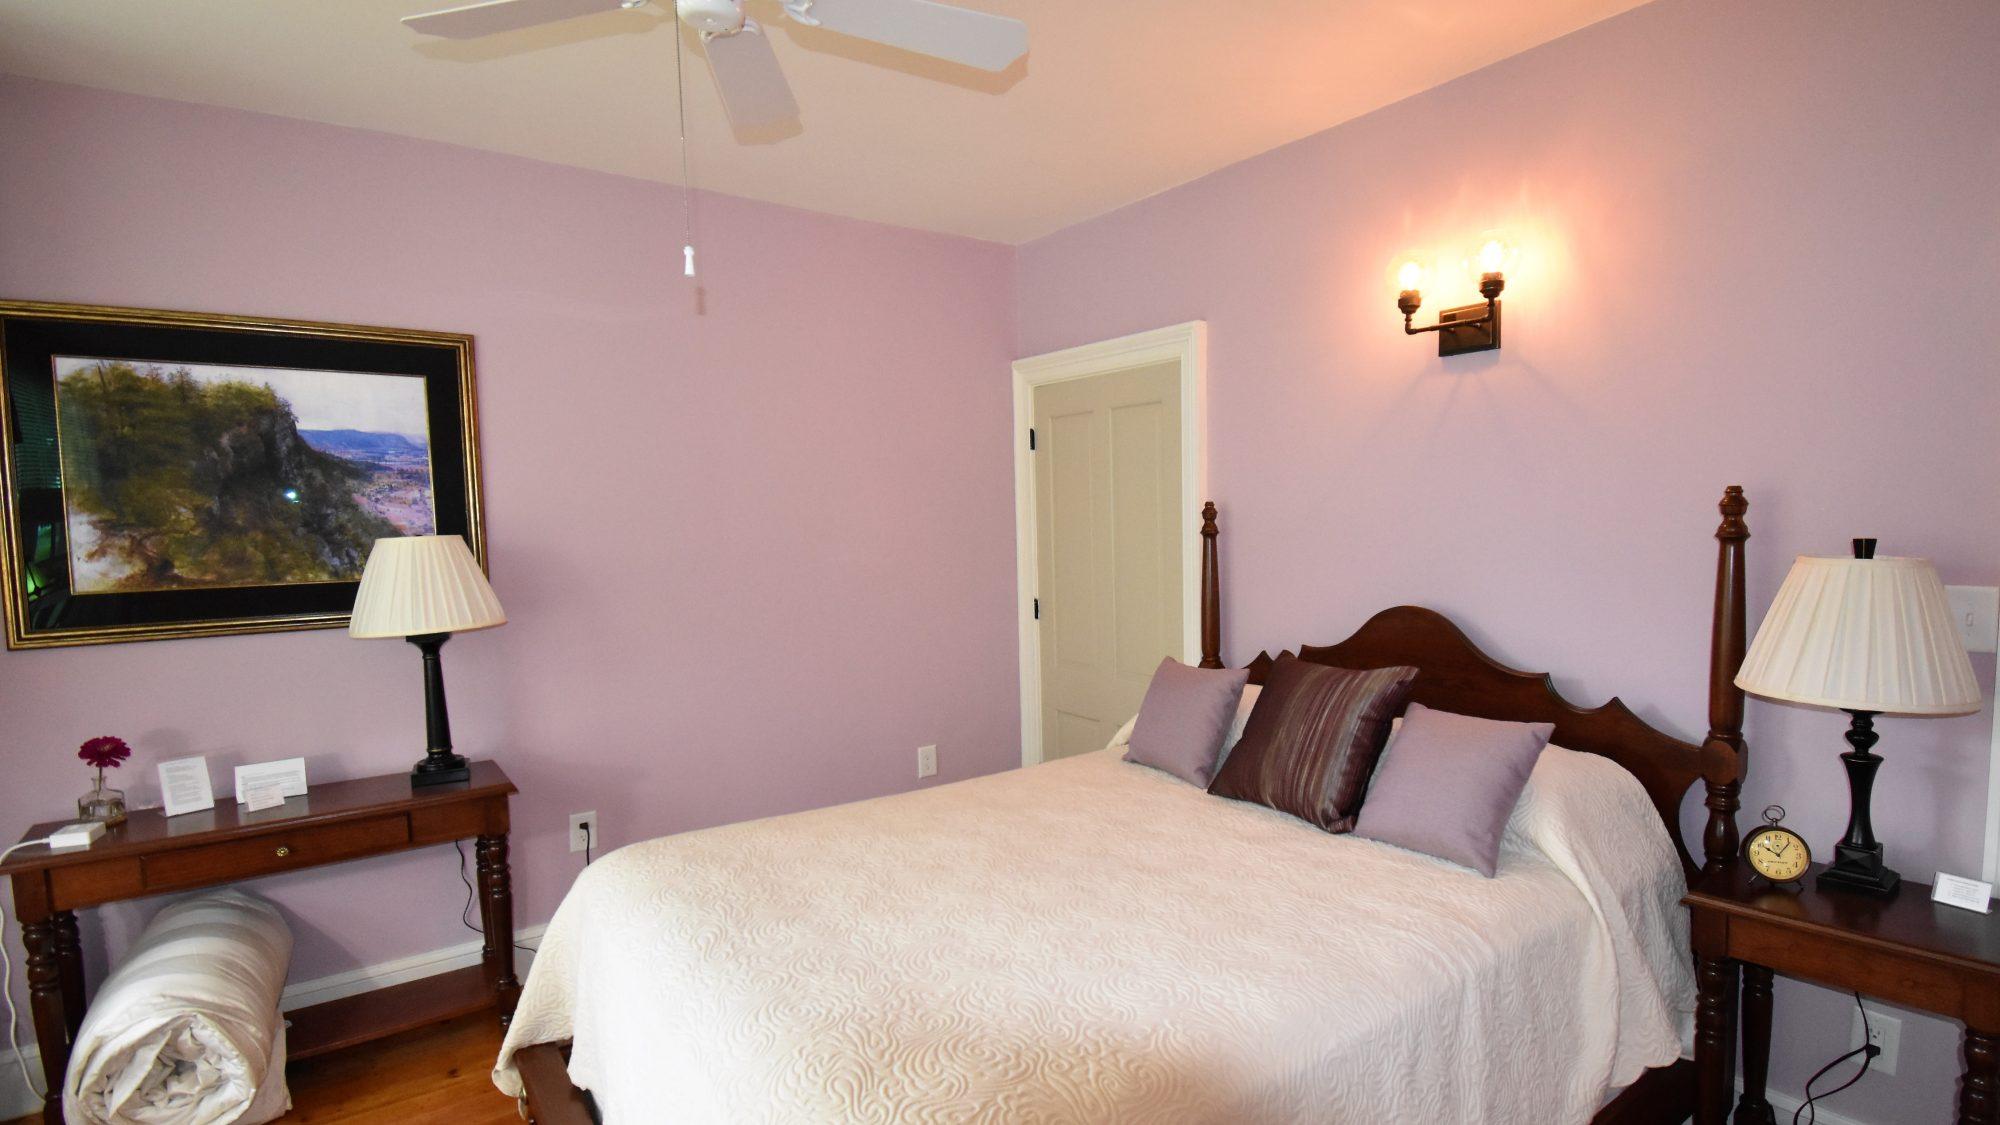 Durand Bedroom Overview